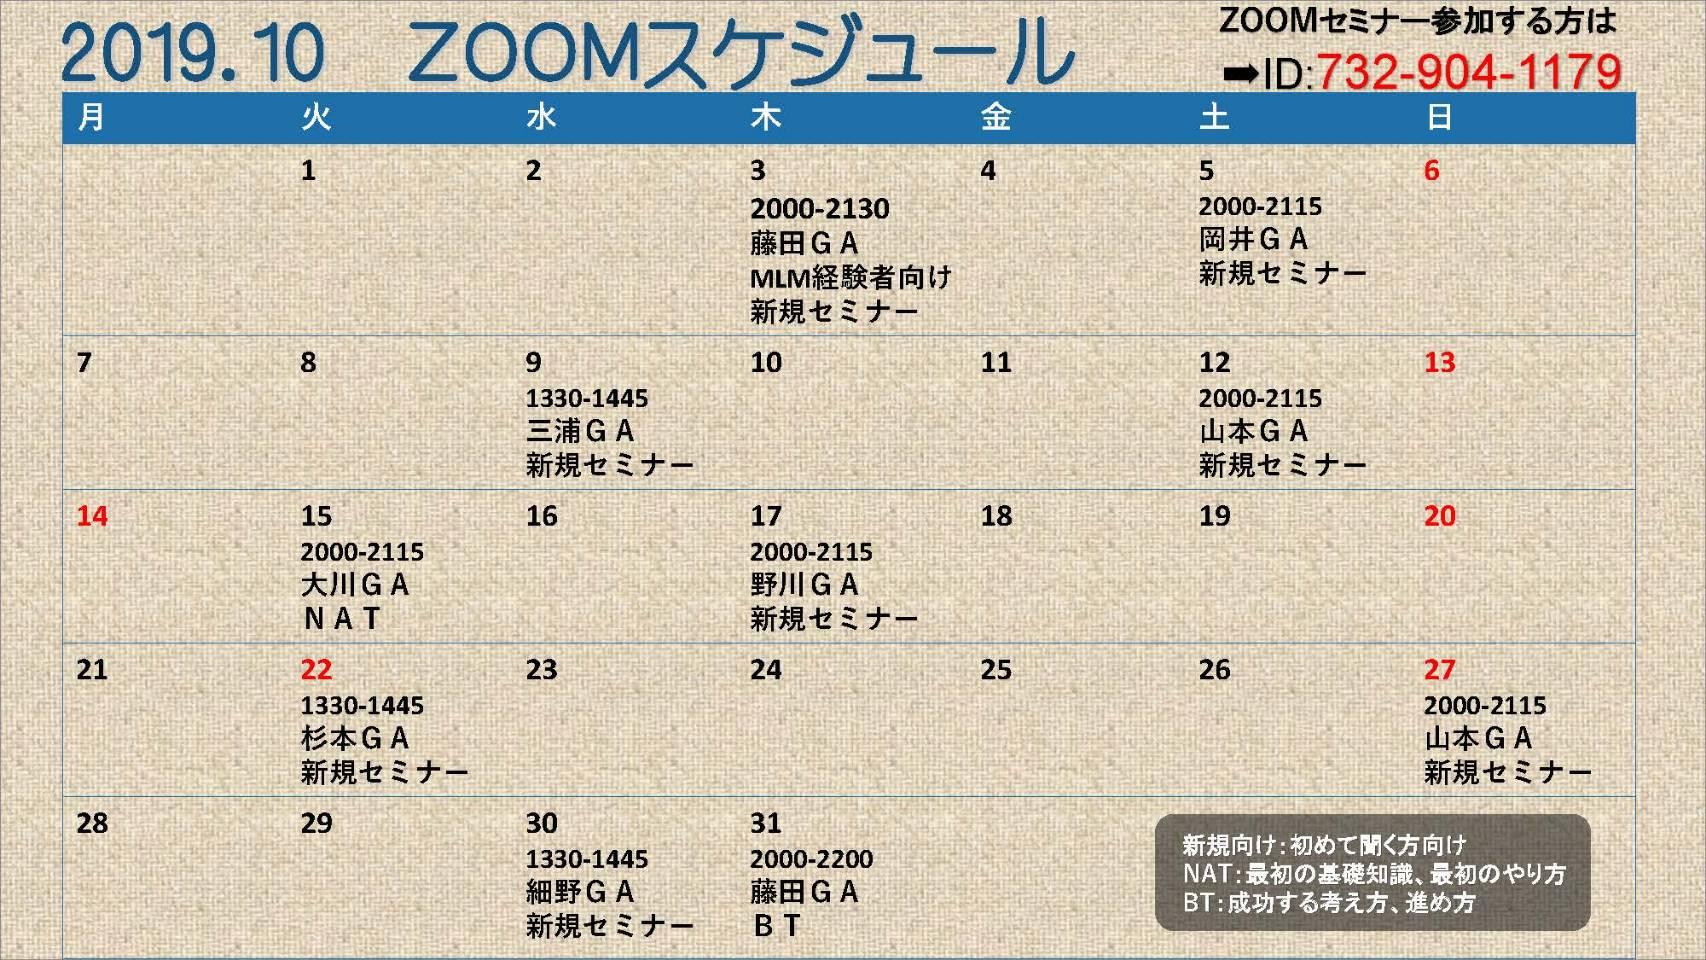 ZOOMセミナー10月スケジュール